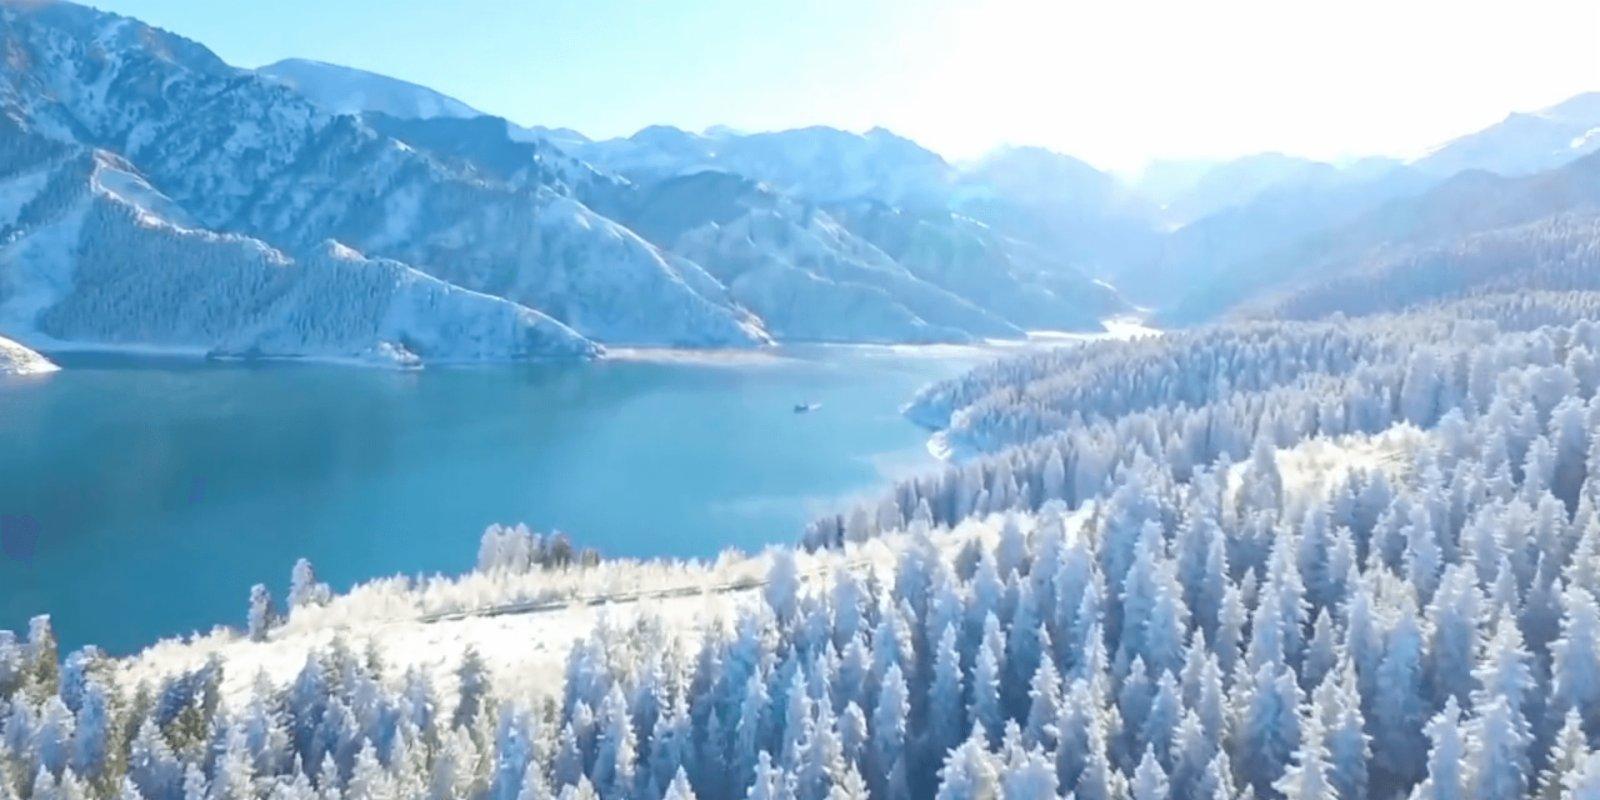 OMG   Breathtaking winter scenery in Xinjiang